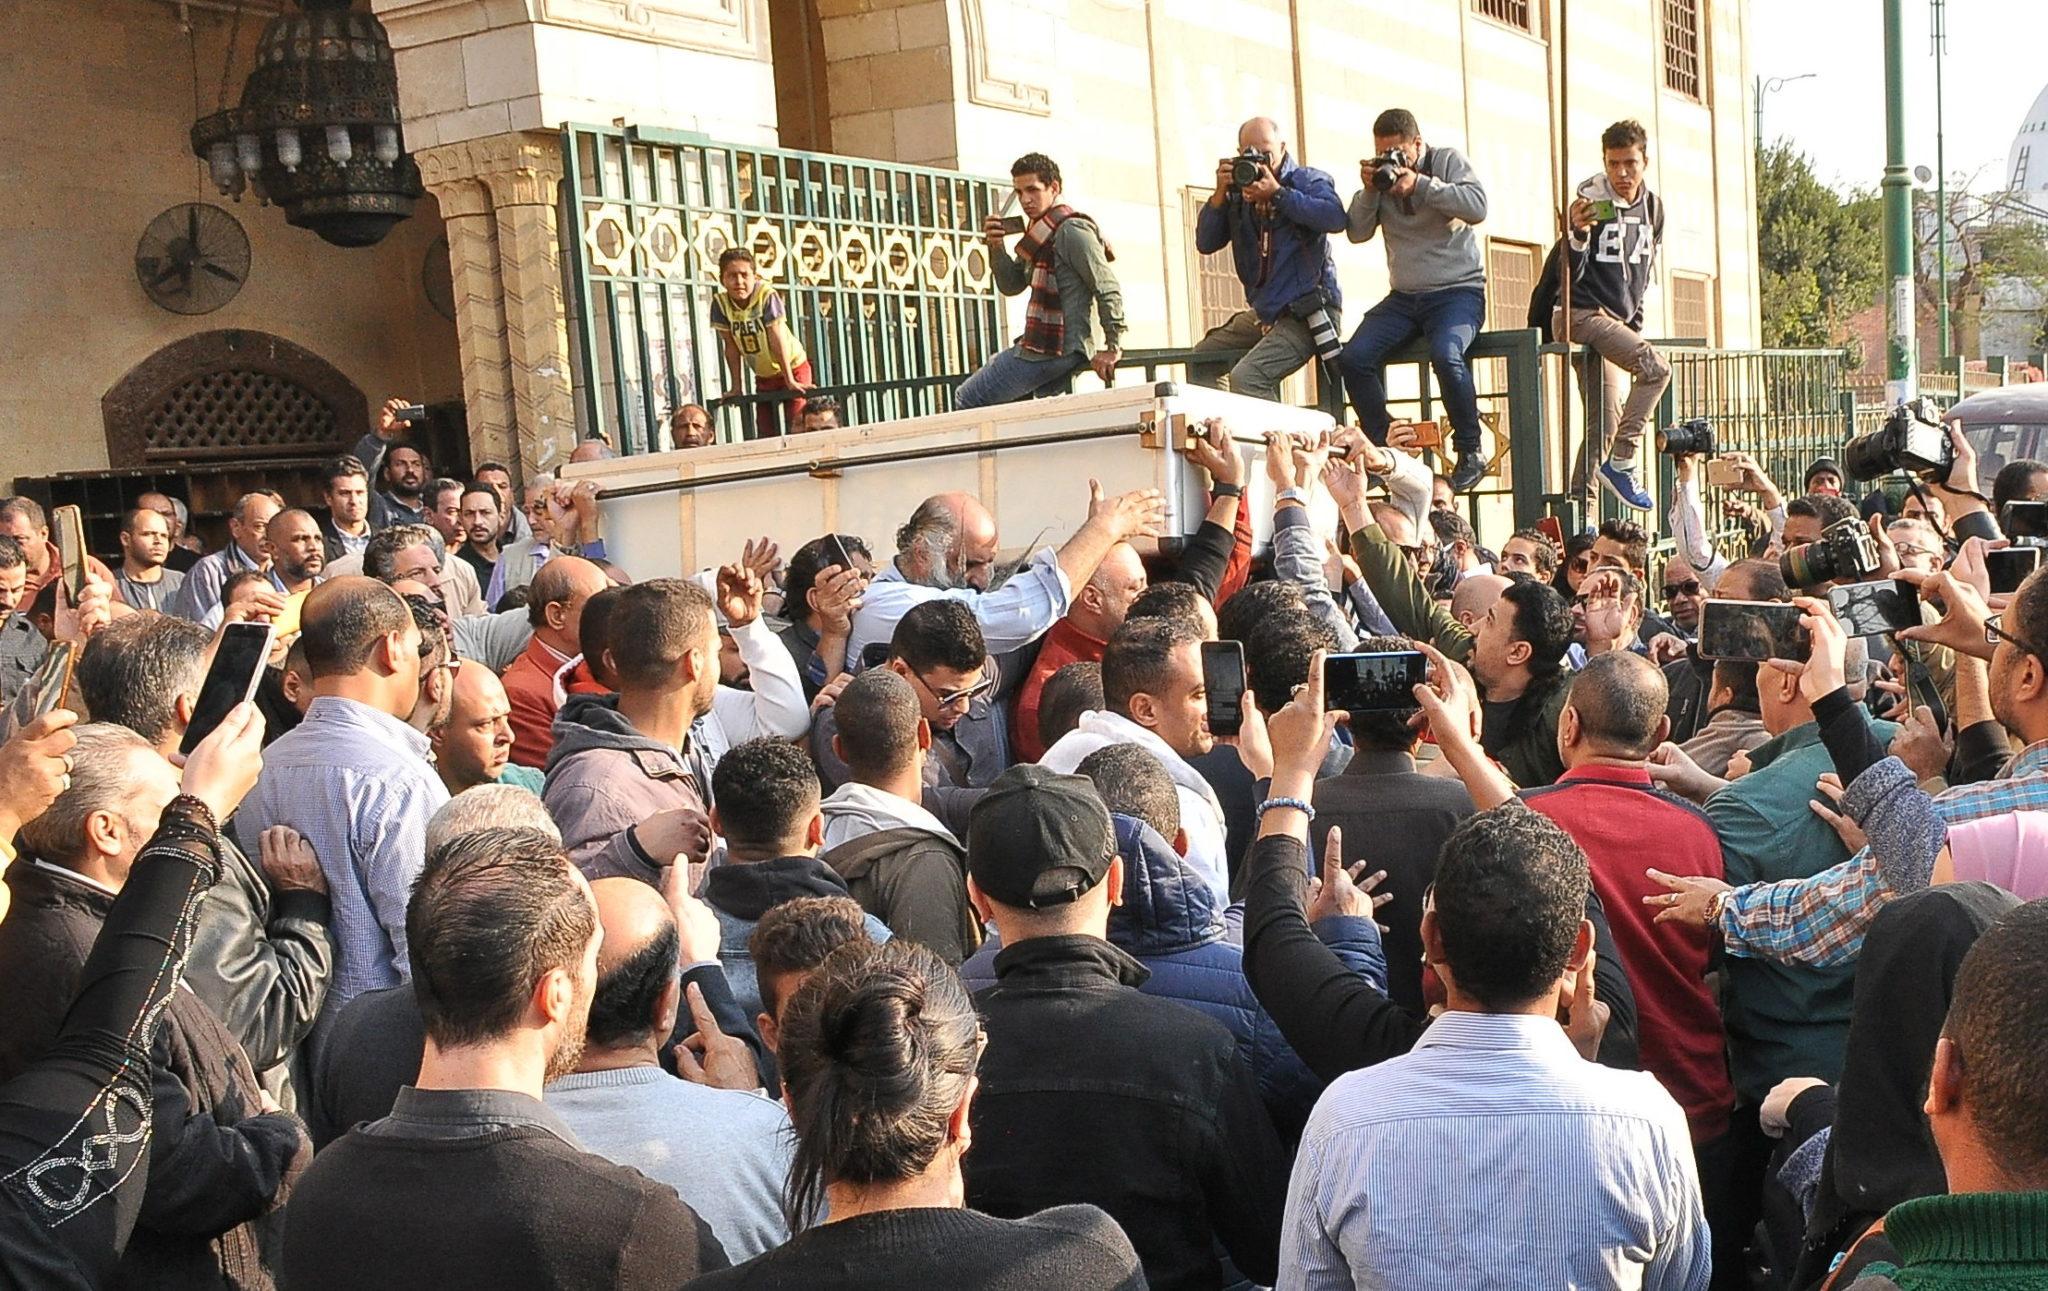 Pogrzeb egipskiego piosenkarza Shaabana Abdela-Rehima  w meczecie Al-Sayeda Nafeesah w Kairze. Artysta zmarł w szpitalu w Kairze. Był znany ze swoich popowych piosenek, często o tematyce społecznej i politycznej, fot. EPA/MOHAMOUD AHMED